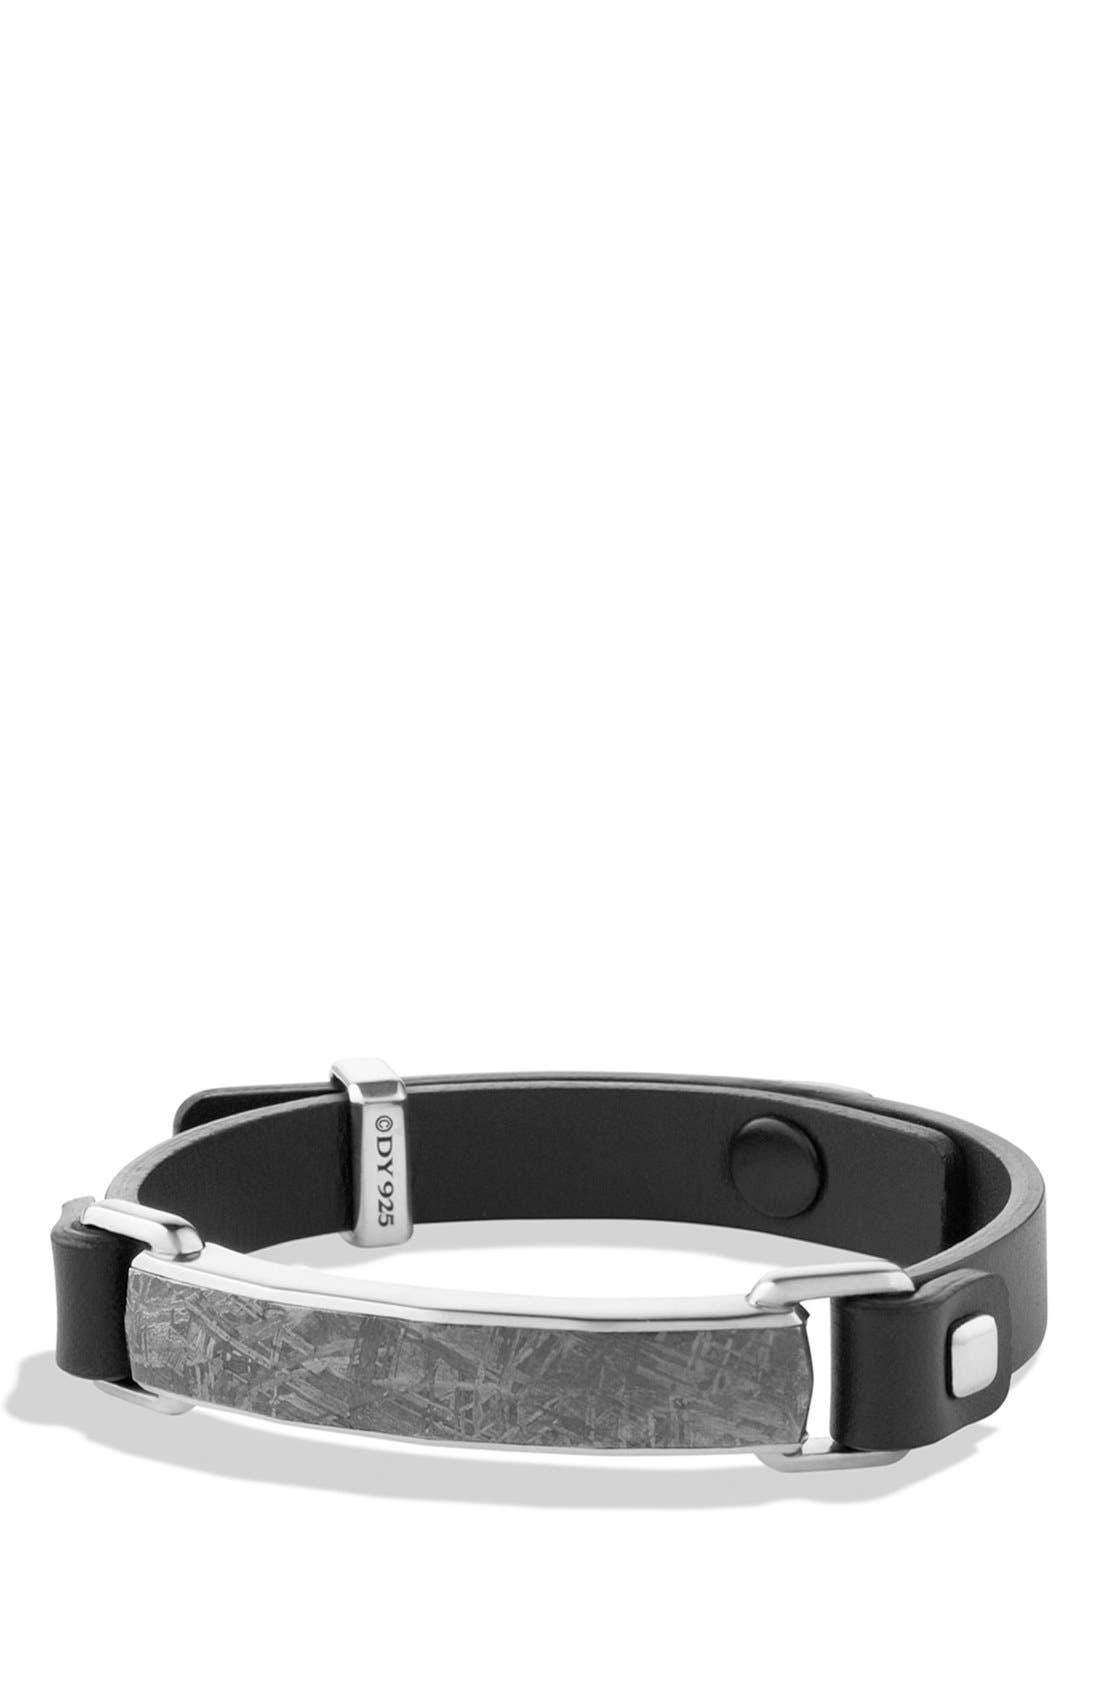 Alternate Image 1 Selected - David Yurman 'Meteorite' Leather ID Bracelet in Black